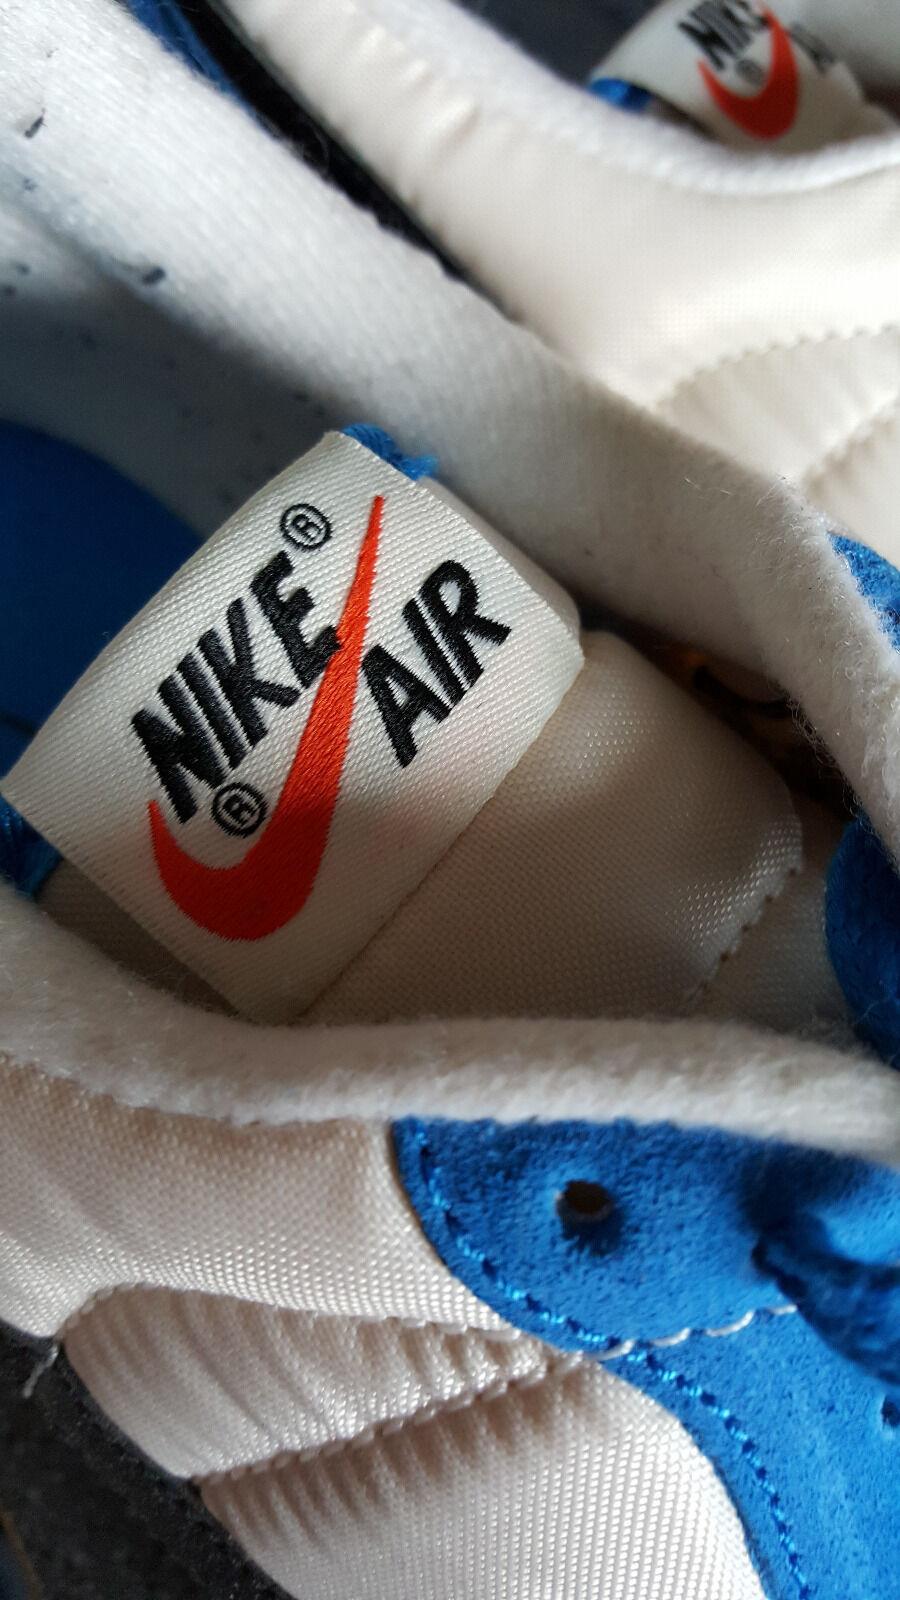 Billig gute Qualität NIKE AIR ***neu***